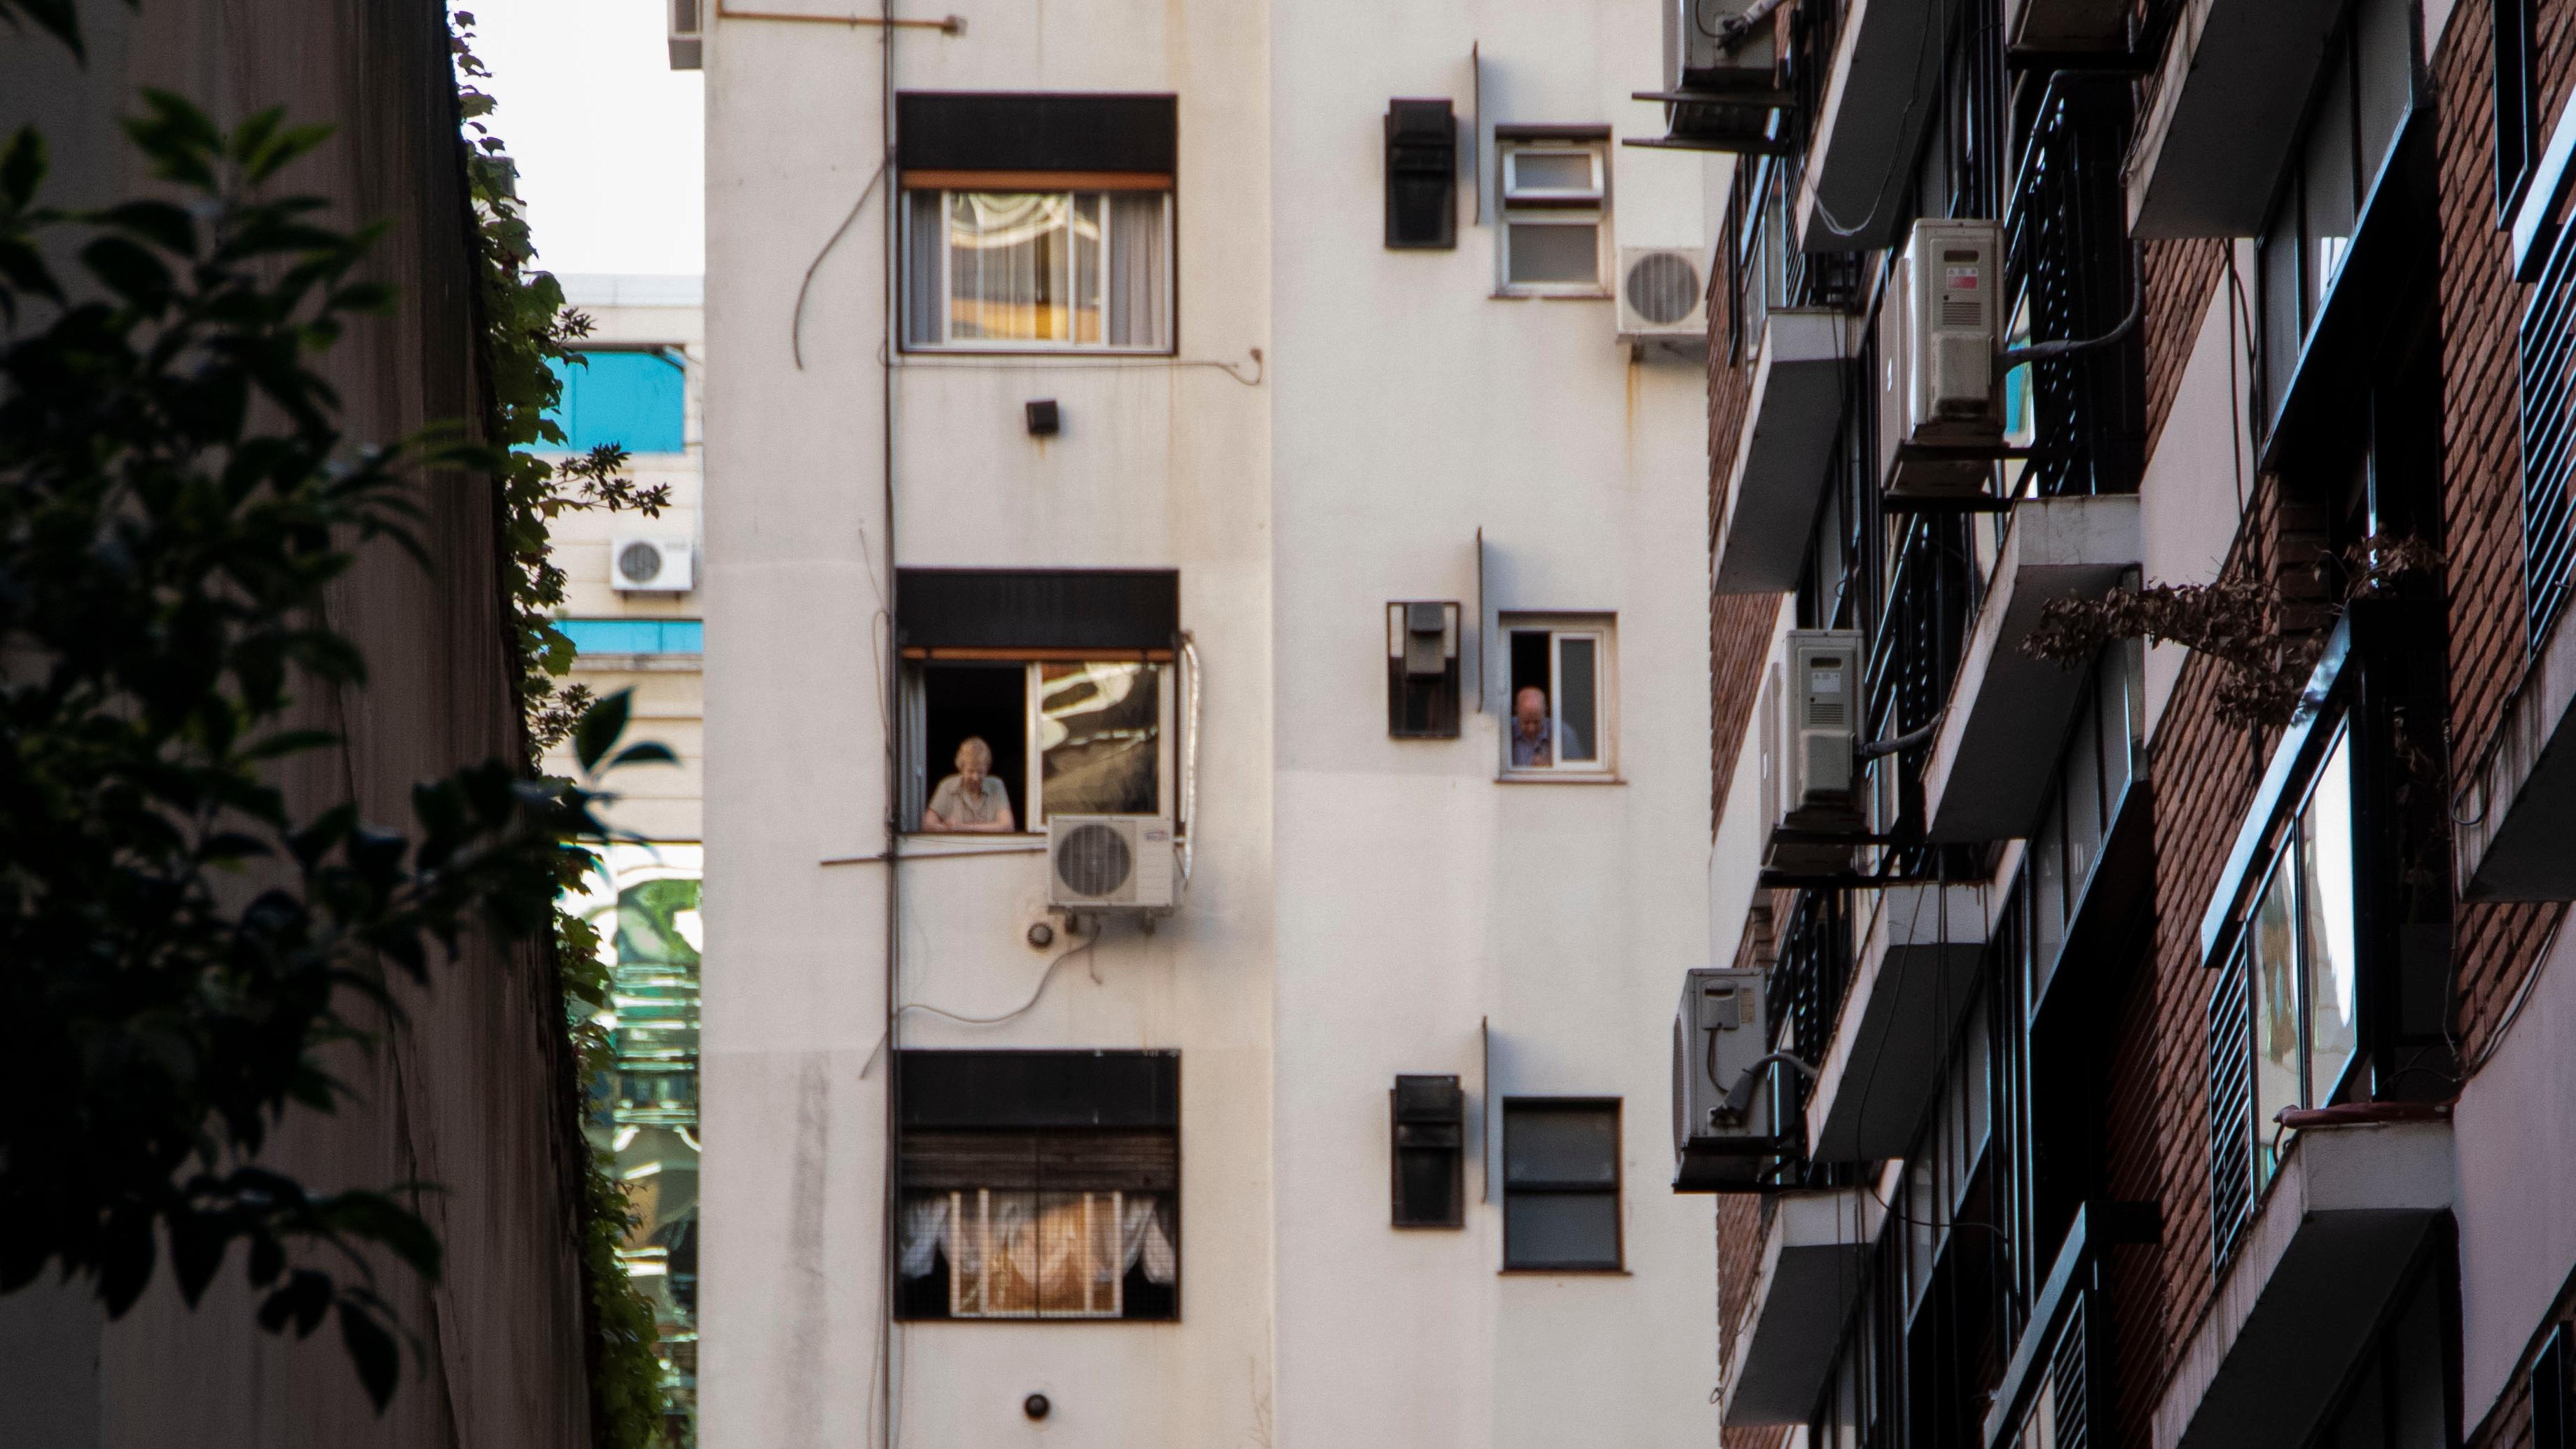 En el año, los alquileres porteños acumularon una suba del 15 por ciento:  cuáles son los precios en cada barrio - Infobae